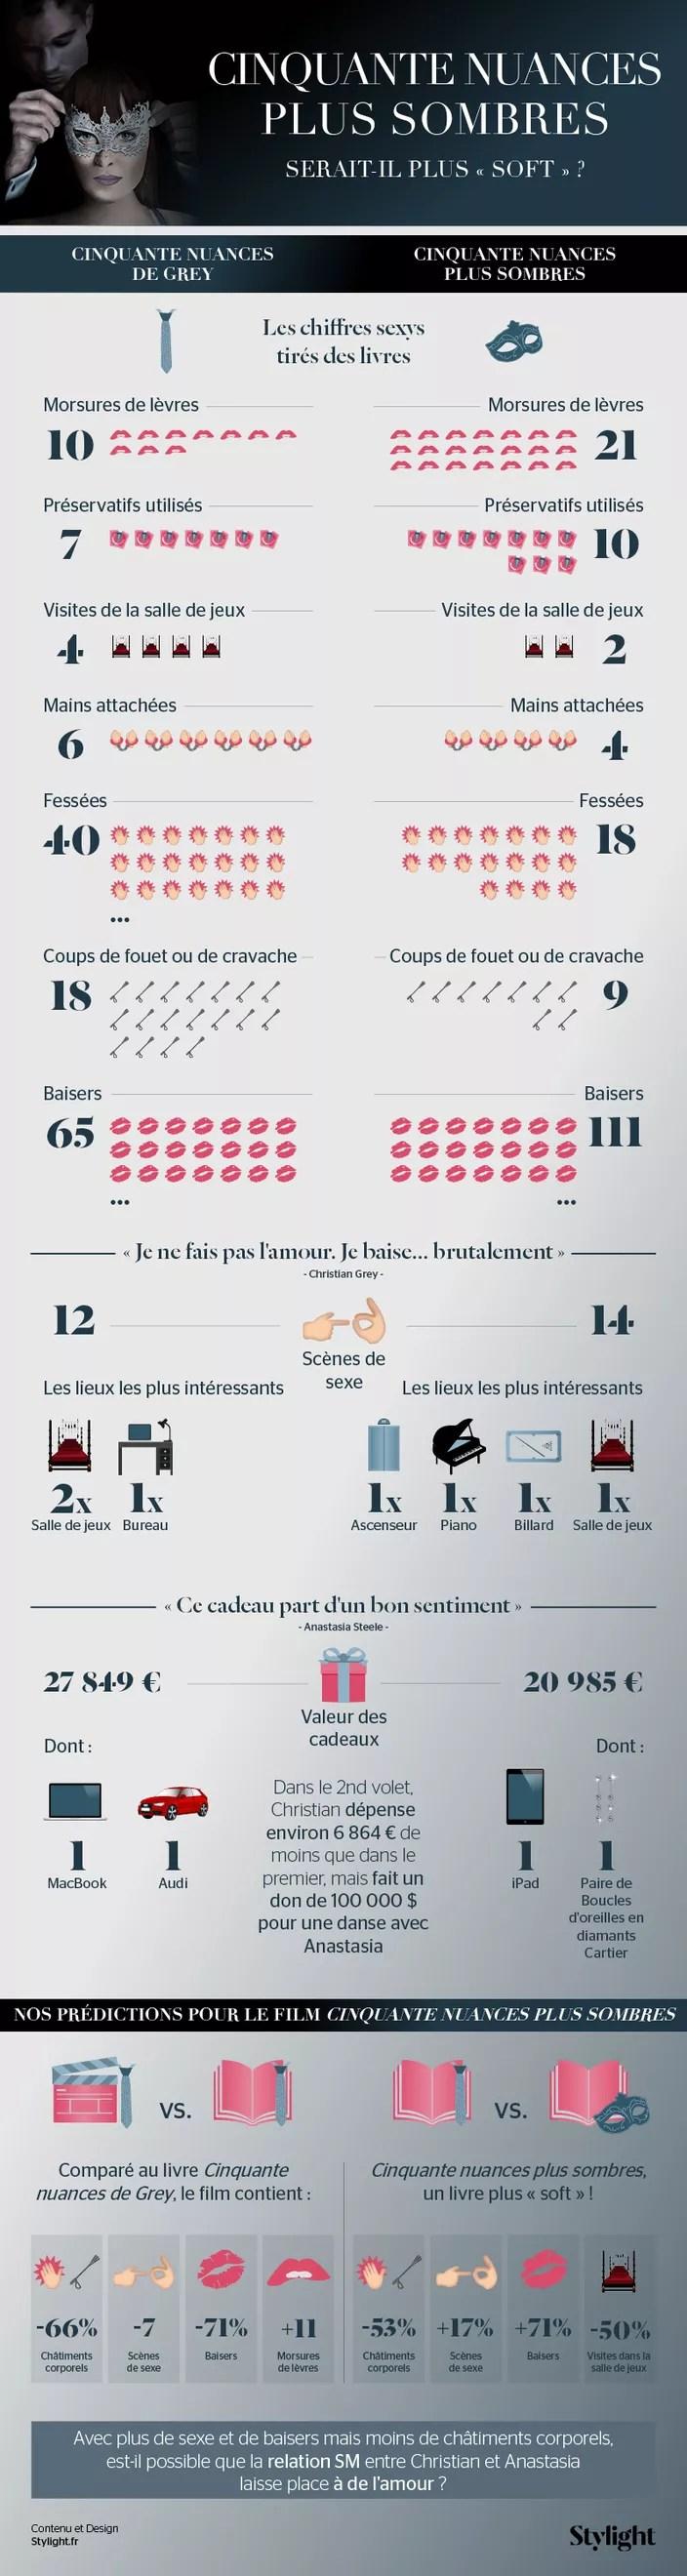 50 Nuances De Grey Jeux : nuances, Cinquante, Nuances, Sombres…, Madame, Figaro